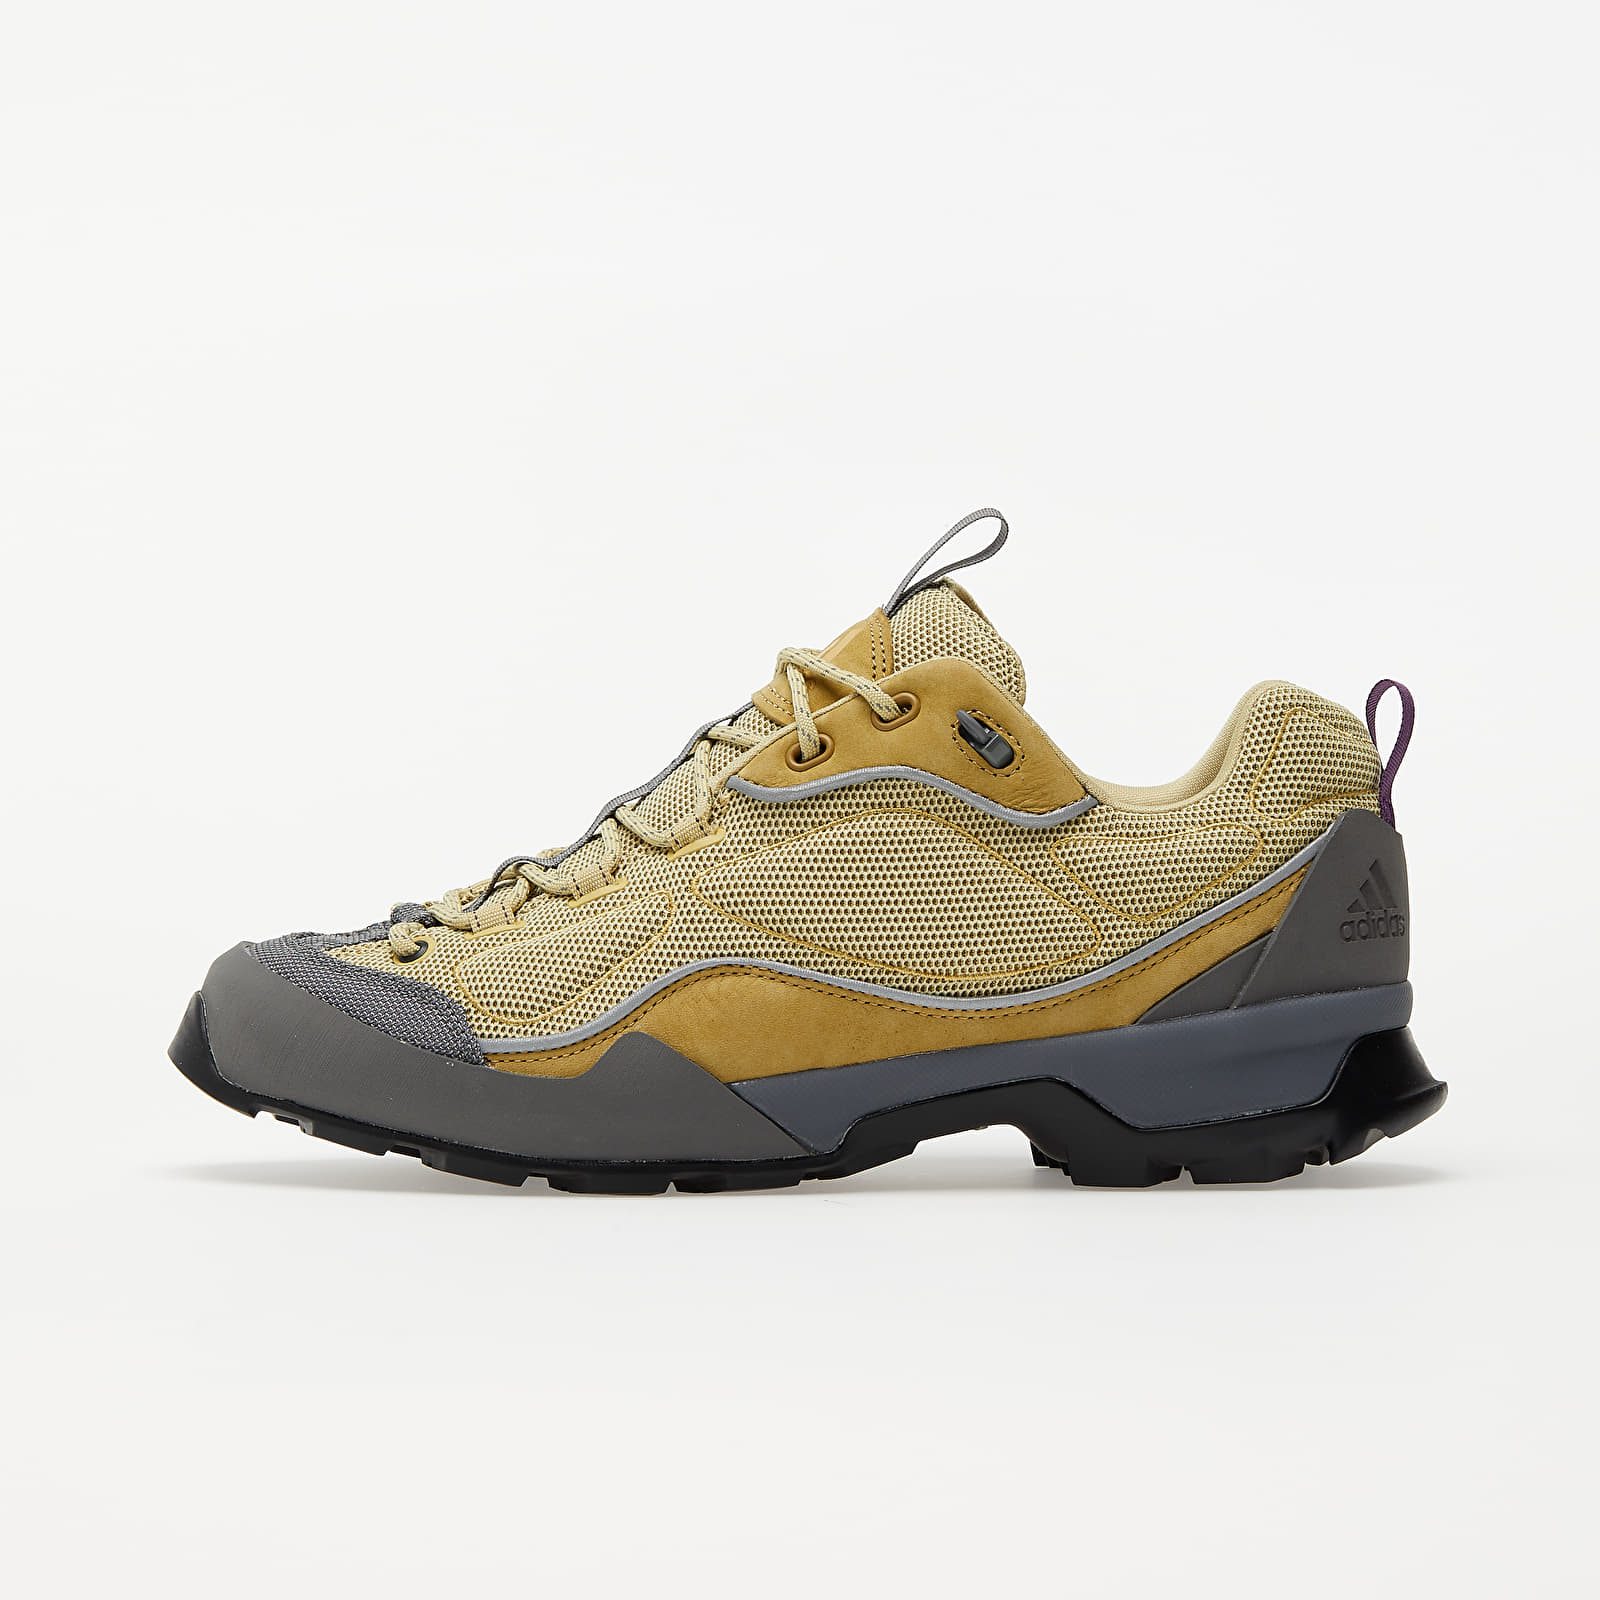 Chaussures et baskets homme adidas Consortium Shalex Sand/ Sand/ Core Black